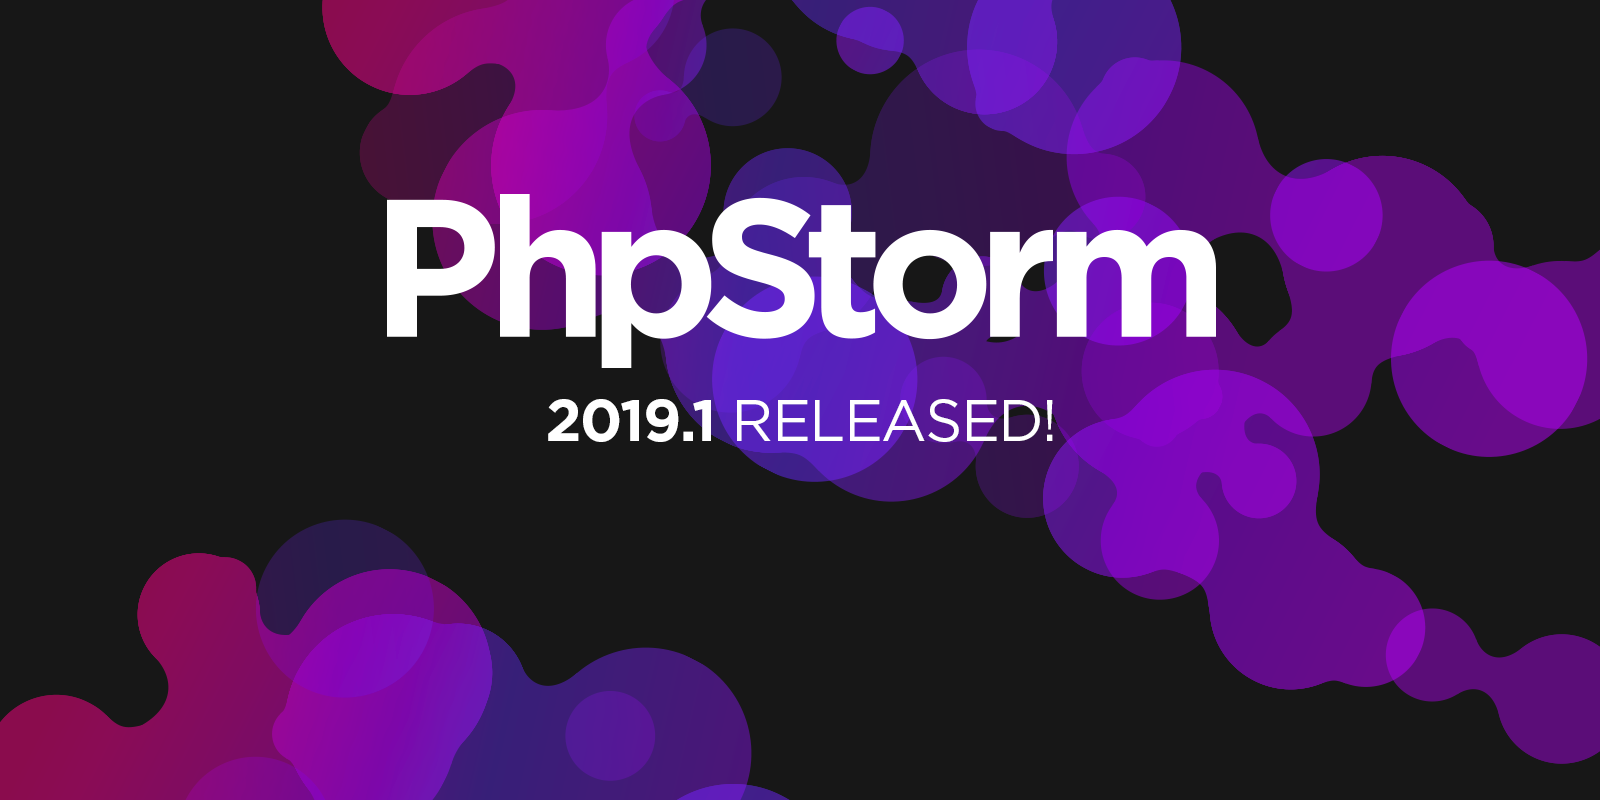 PhpStorm 2019.1: Отладка шаблонов Twig и Blade, поиск мертвого кода, улучшенное автодополнение и многое другое - 1